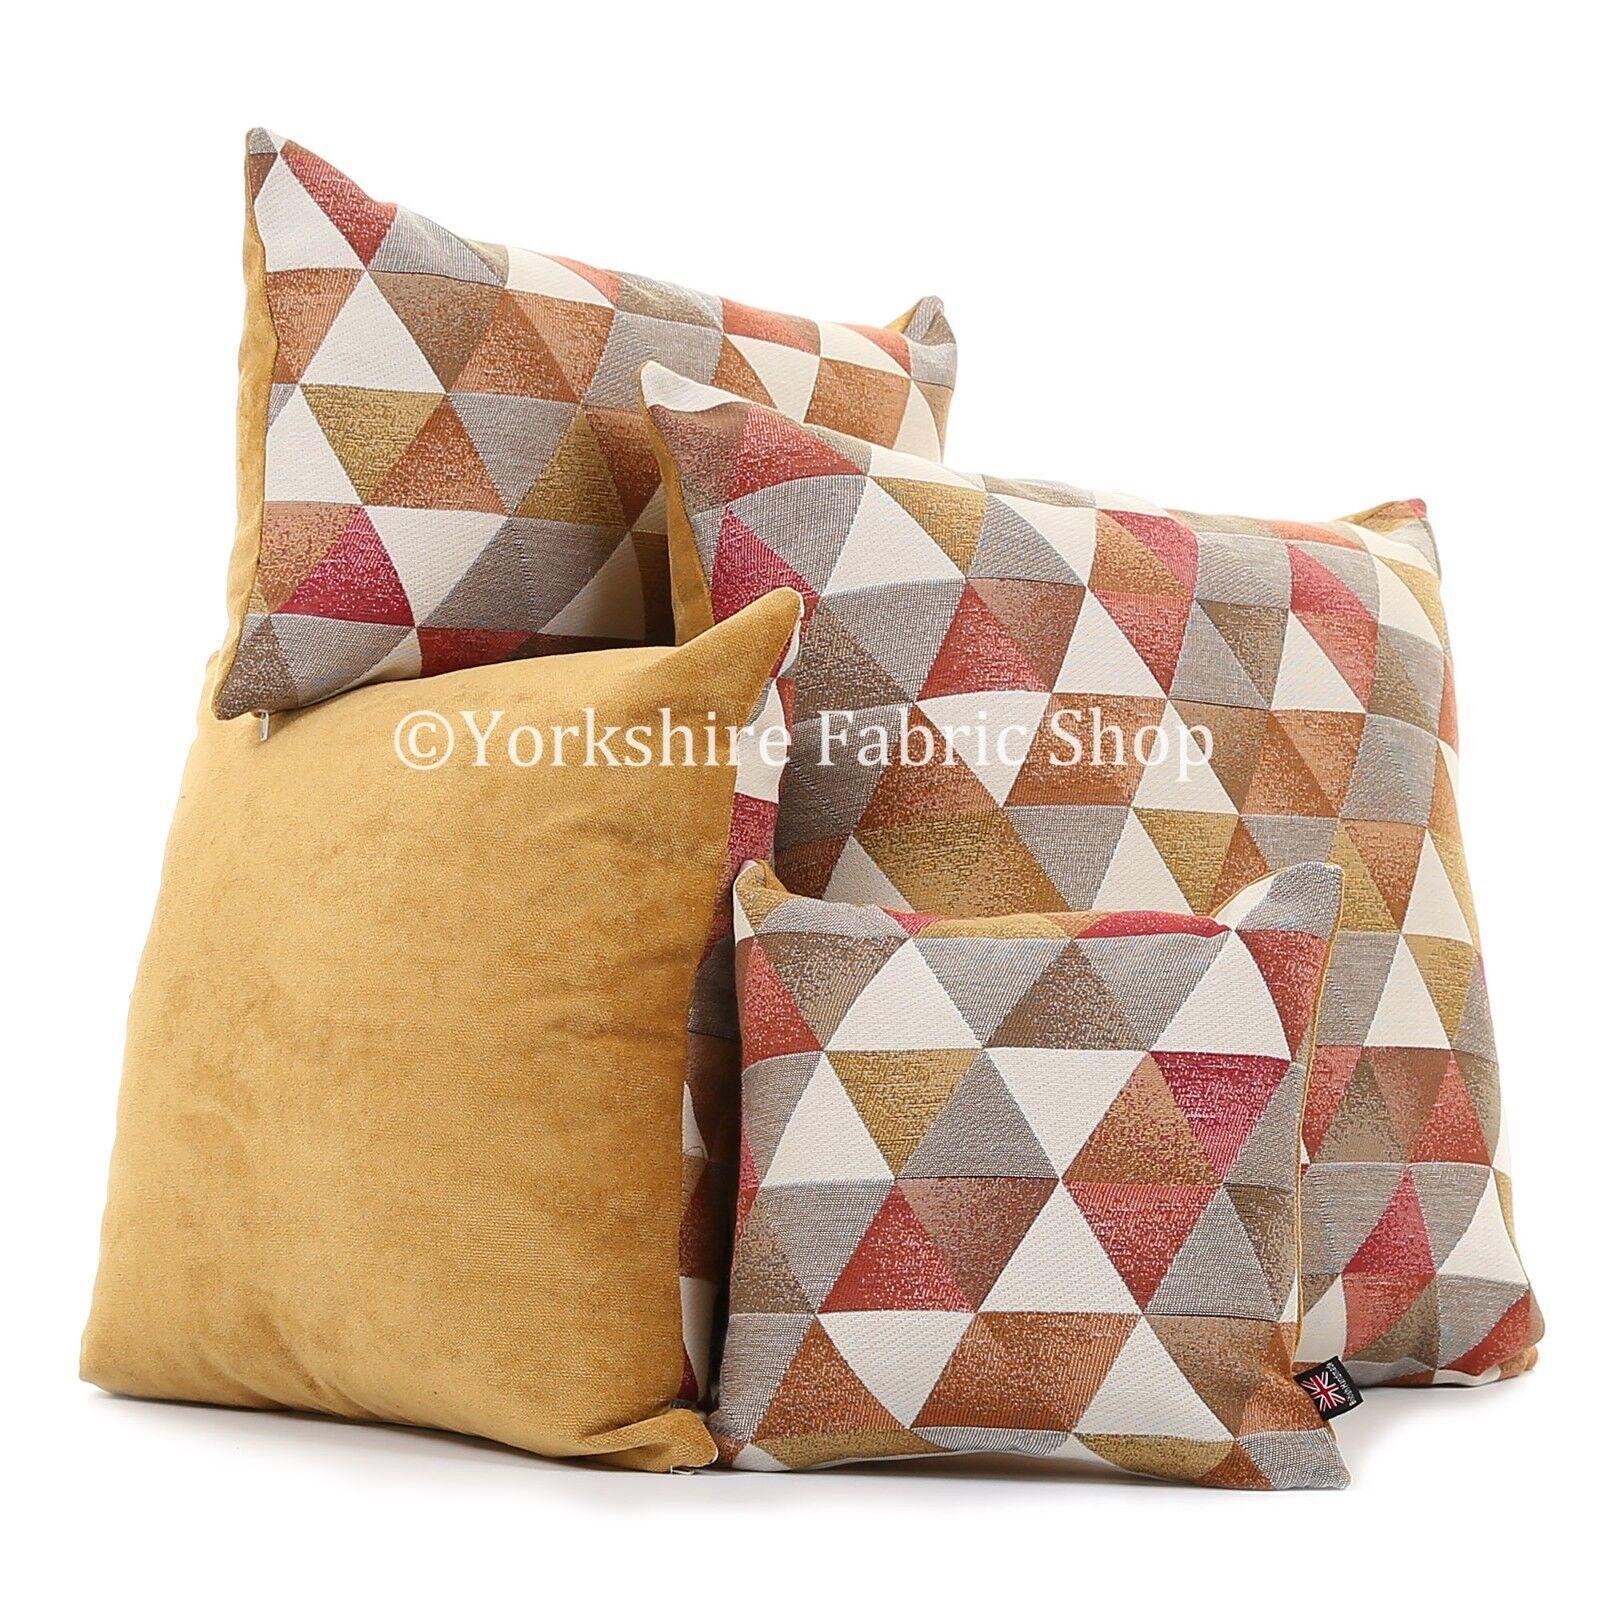 Morbido tessuto di ciniglia vivace oro Triangolo Rosso Bianco Stampa Geometrica Cuscini in tessuto